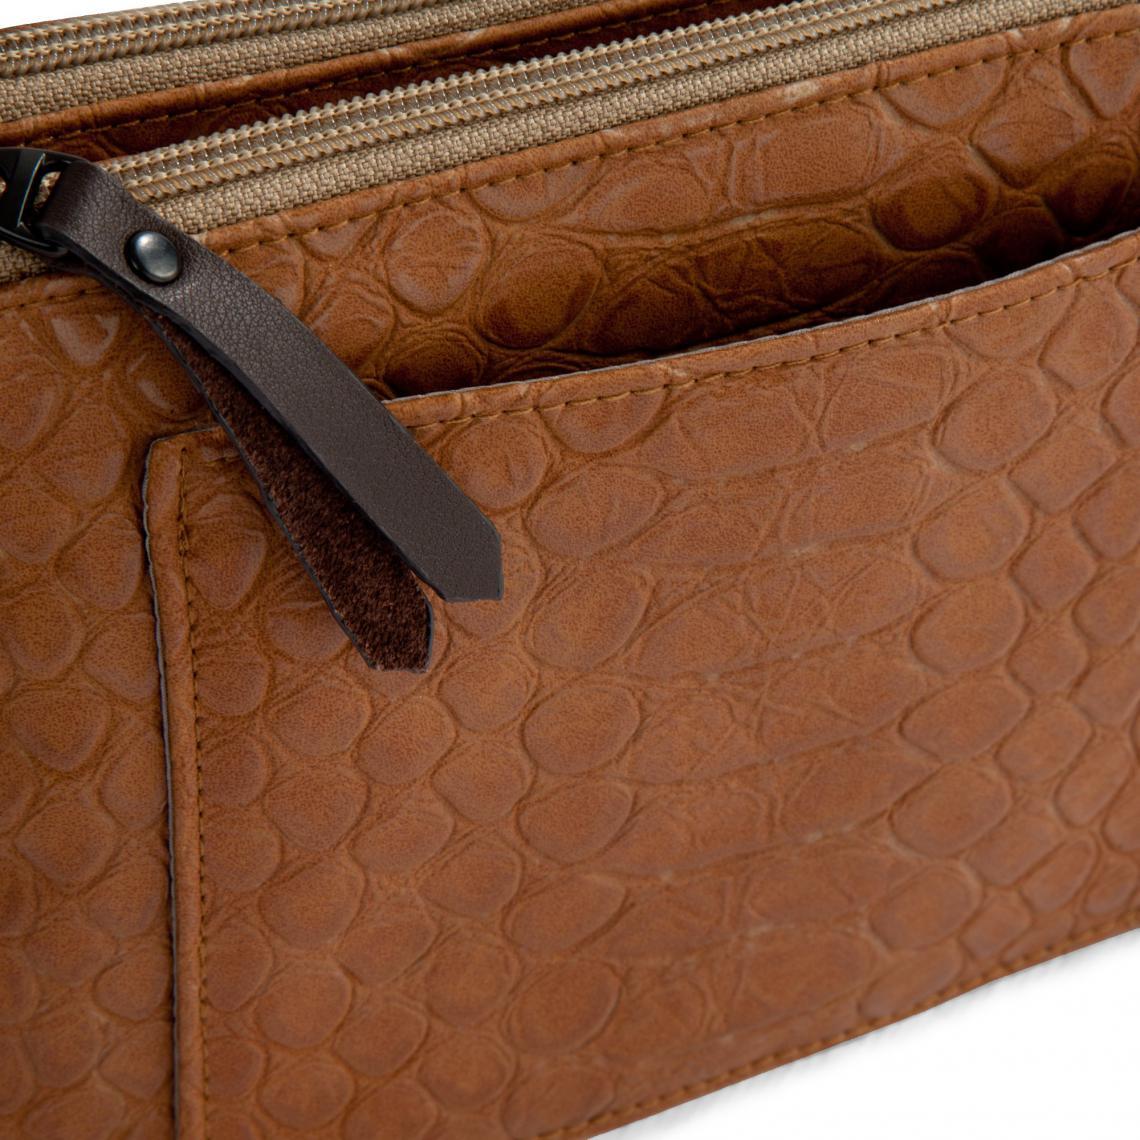 f02bc44a7c5f9d Mini bag matiére synthétique peau de reptile femme Bensimon - Beige ...